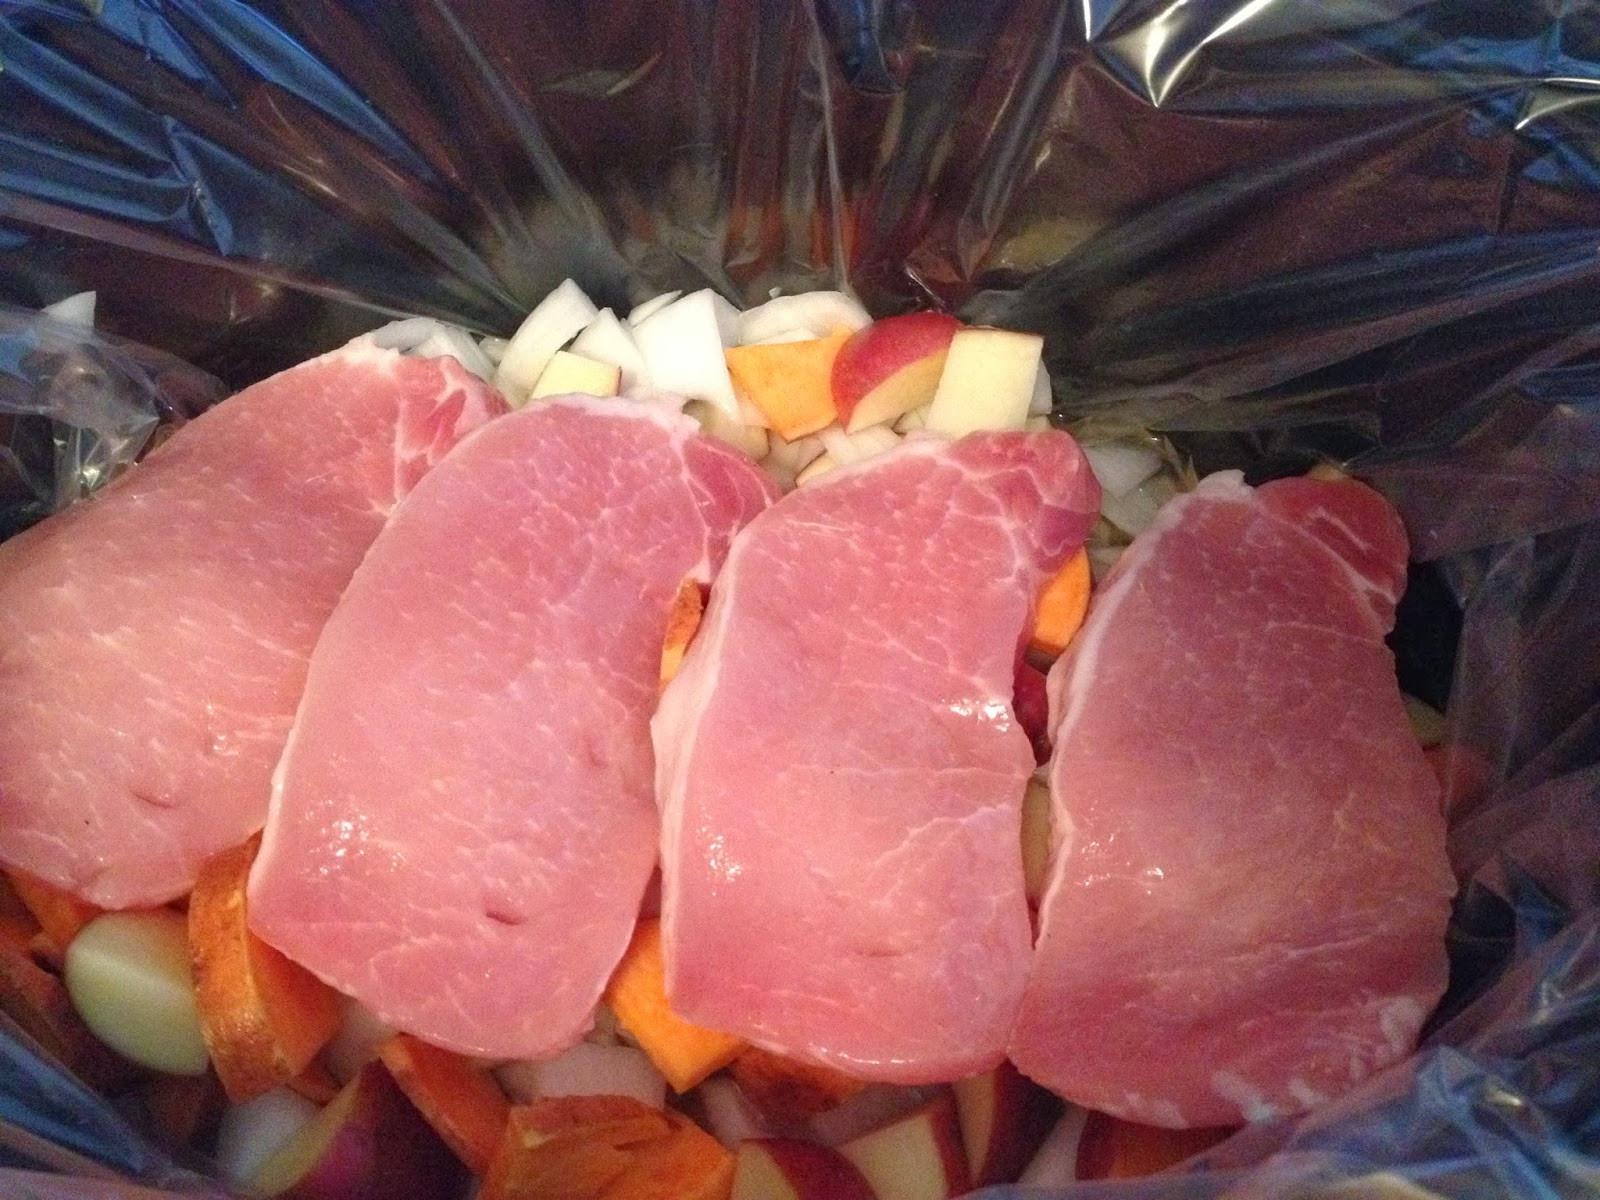 Low Calorie Pork Chop Recipes  The Simple Life Low Calorie Crockpot Pork Chops